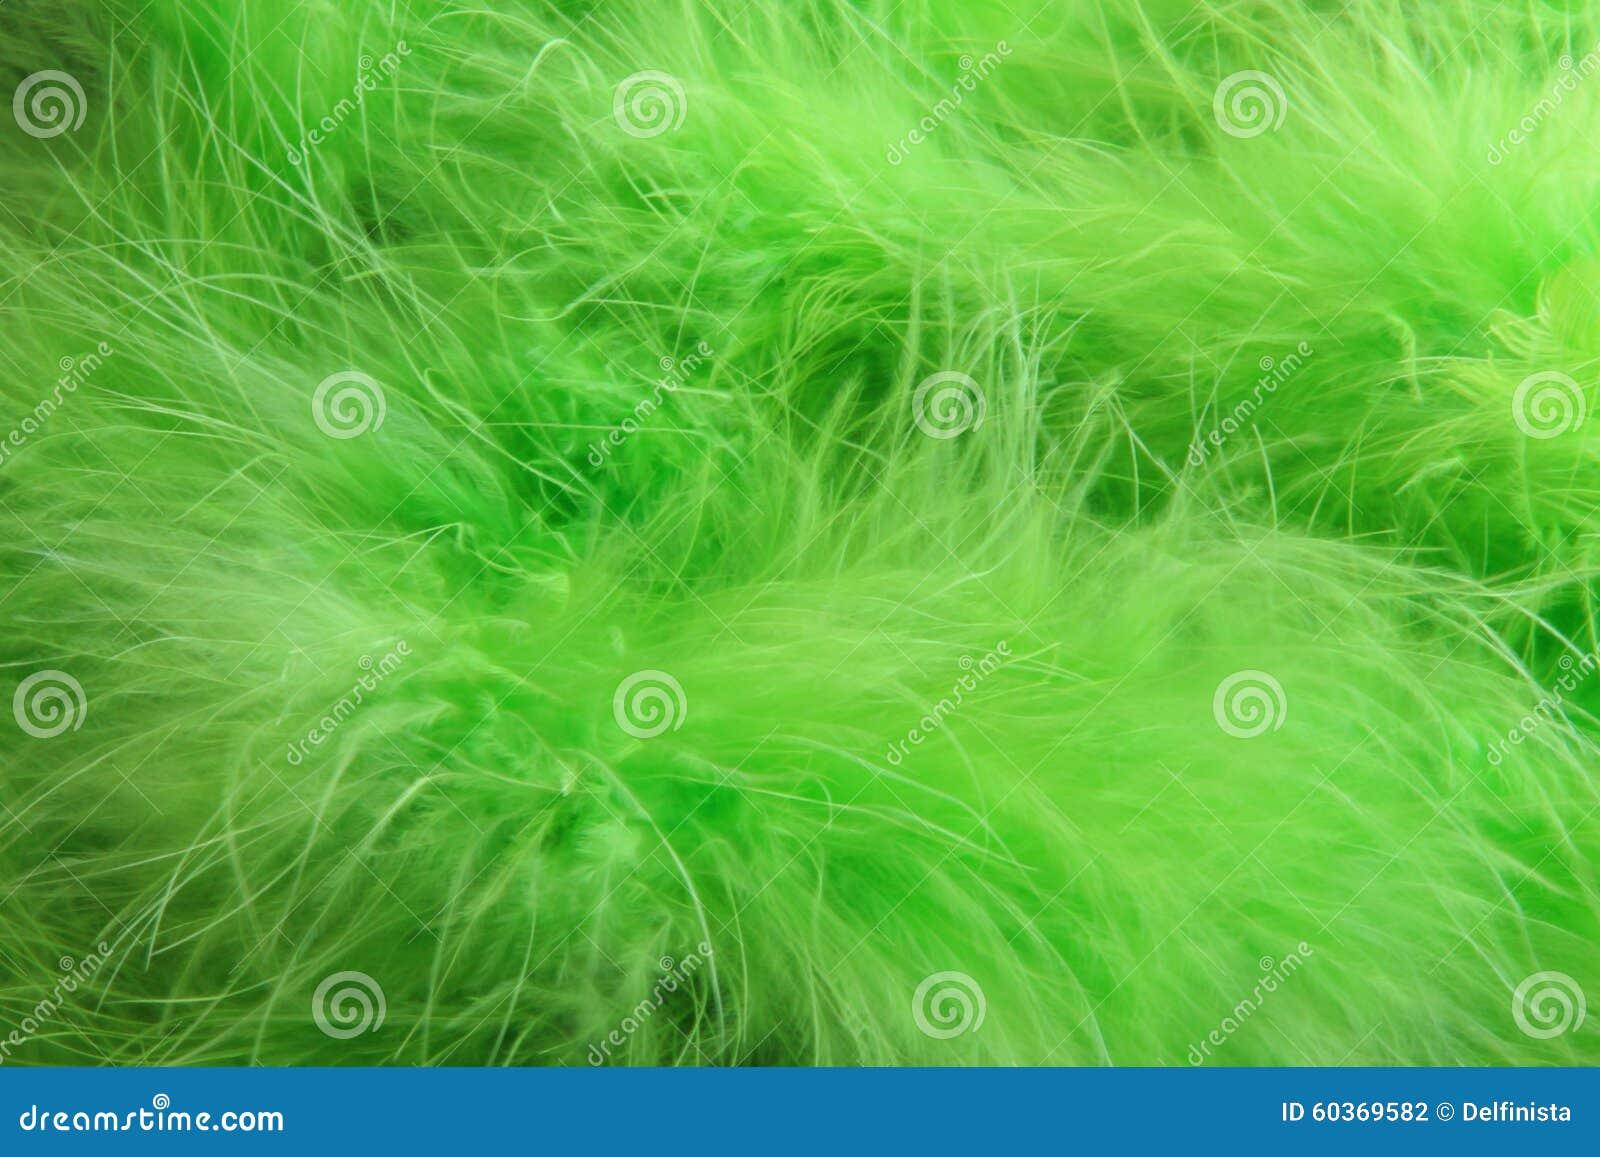 绿色用羽毛装饰背景-储蓄照片